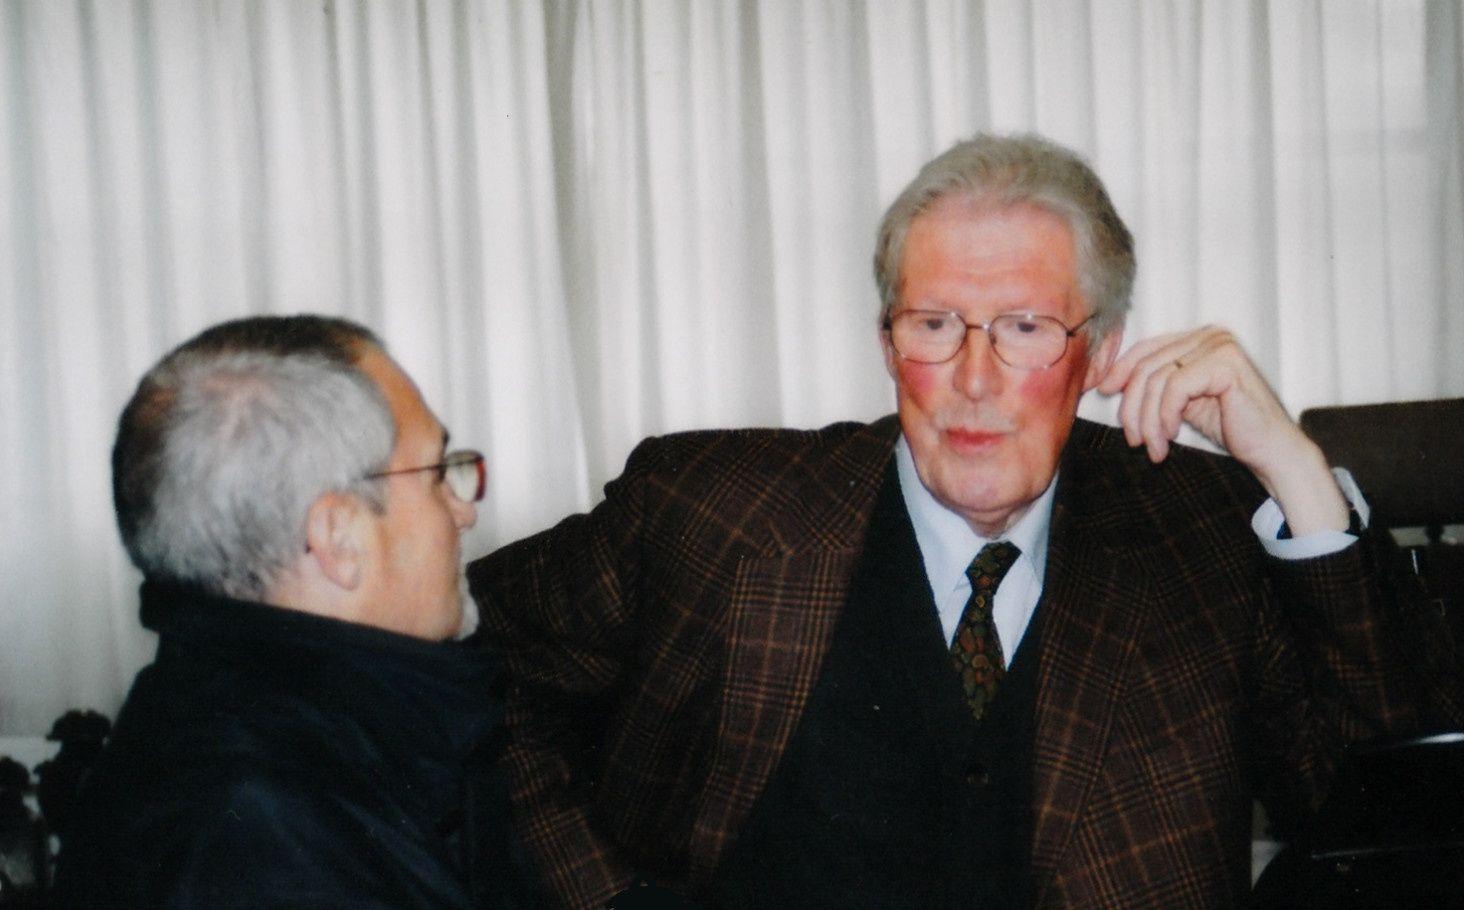 Le maître et l'élève, à Augsbourg chez le grand collectionneur Rudolf Stief, le 10 octobre 2007.